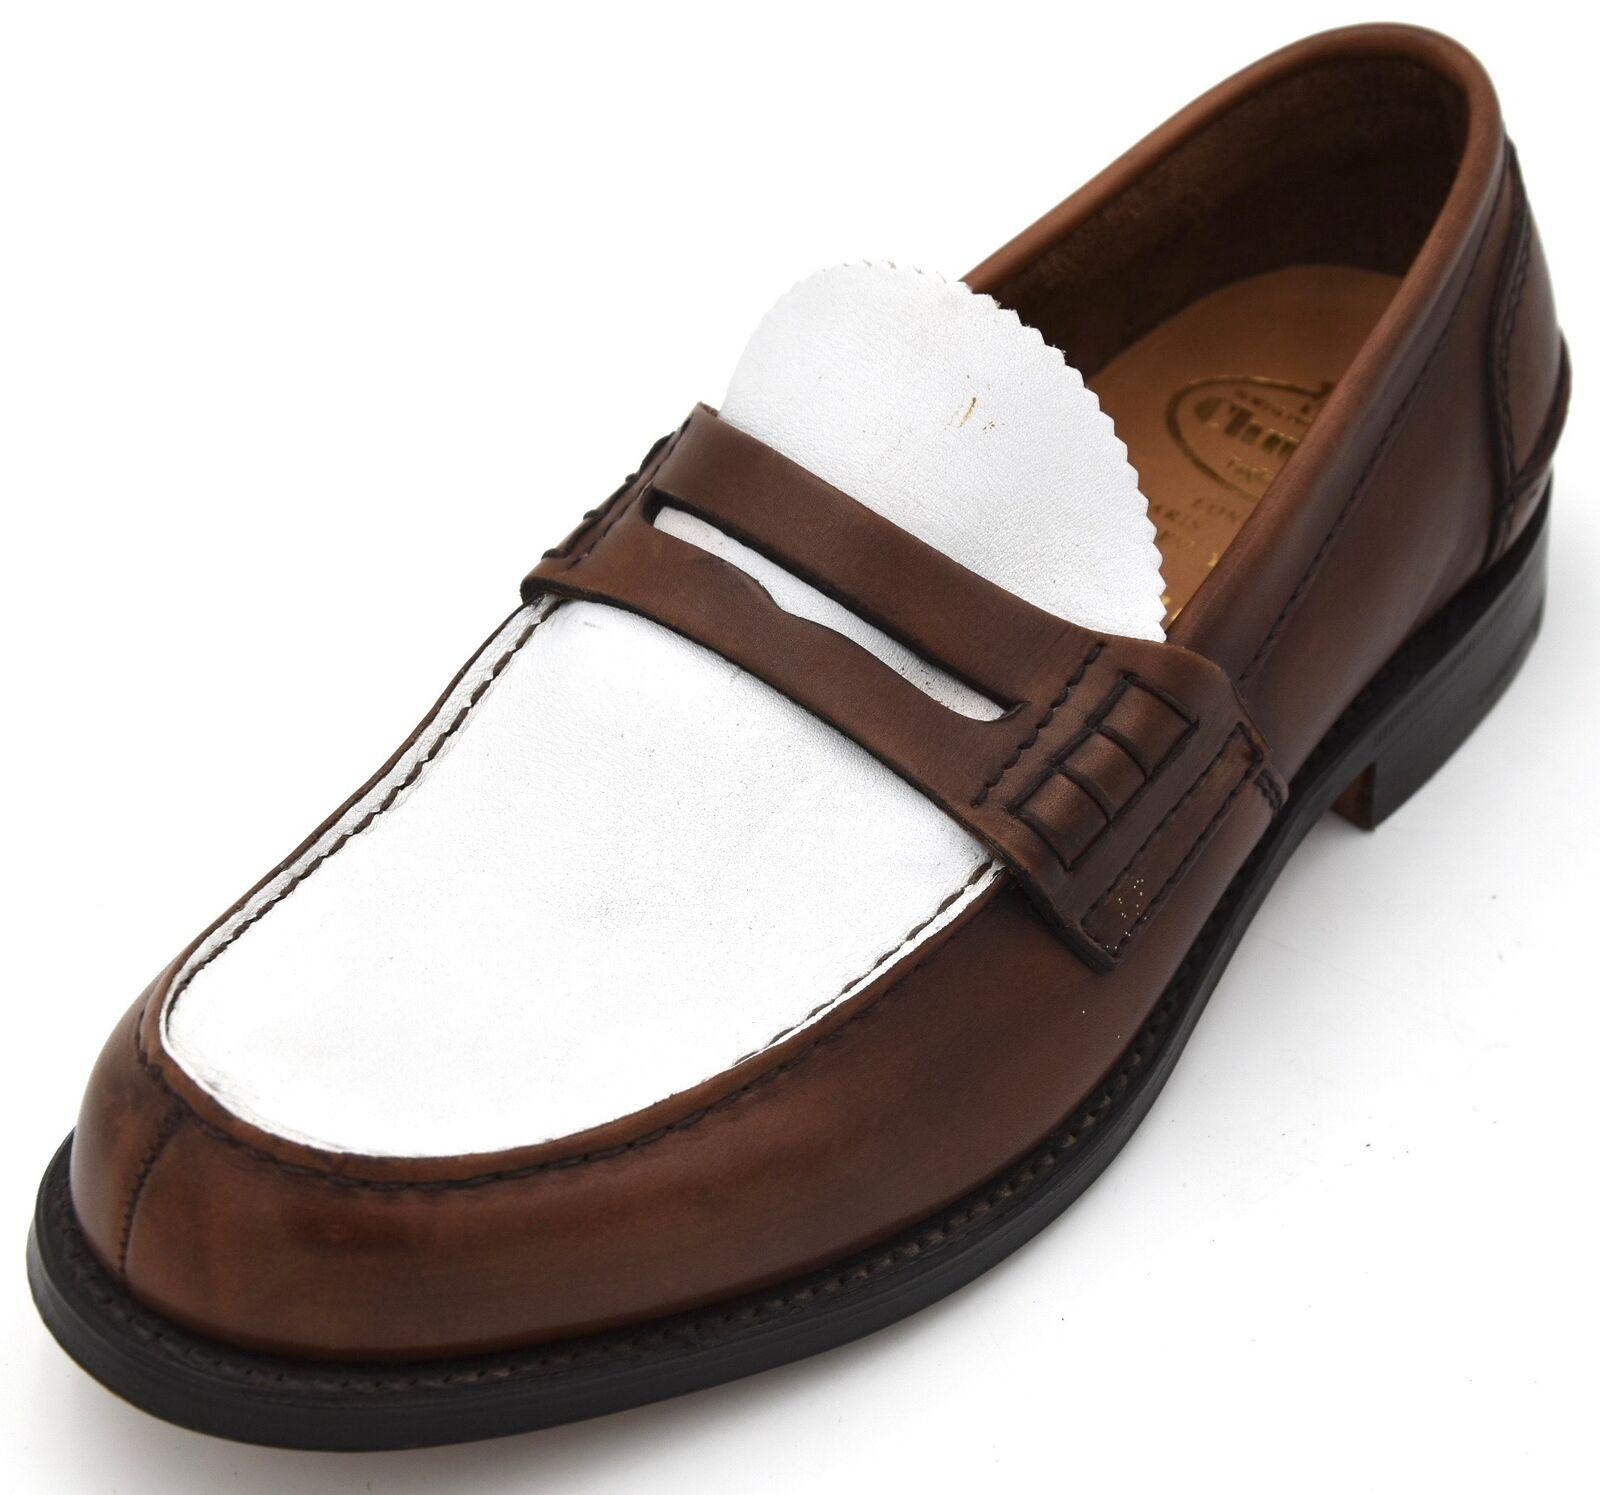 Church'S Mocasines de vestir Zapatos clásicos de hombre de negocios Ajuste F código PEMBREY defecto